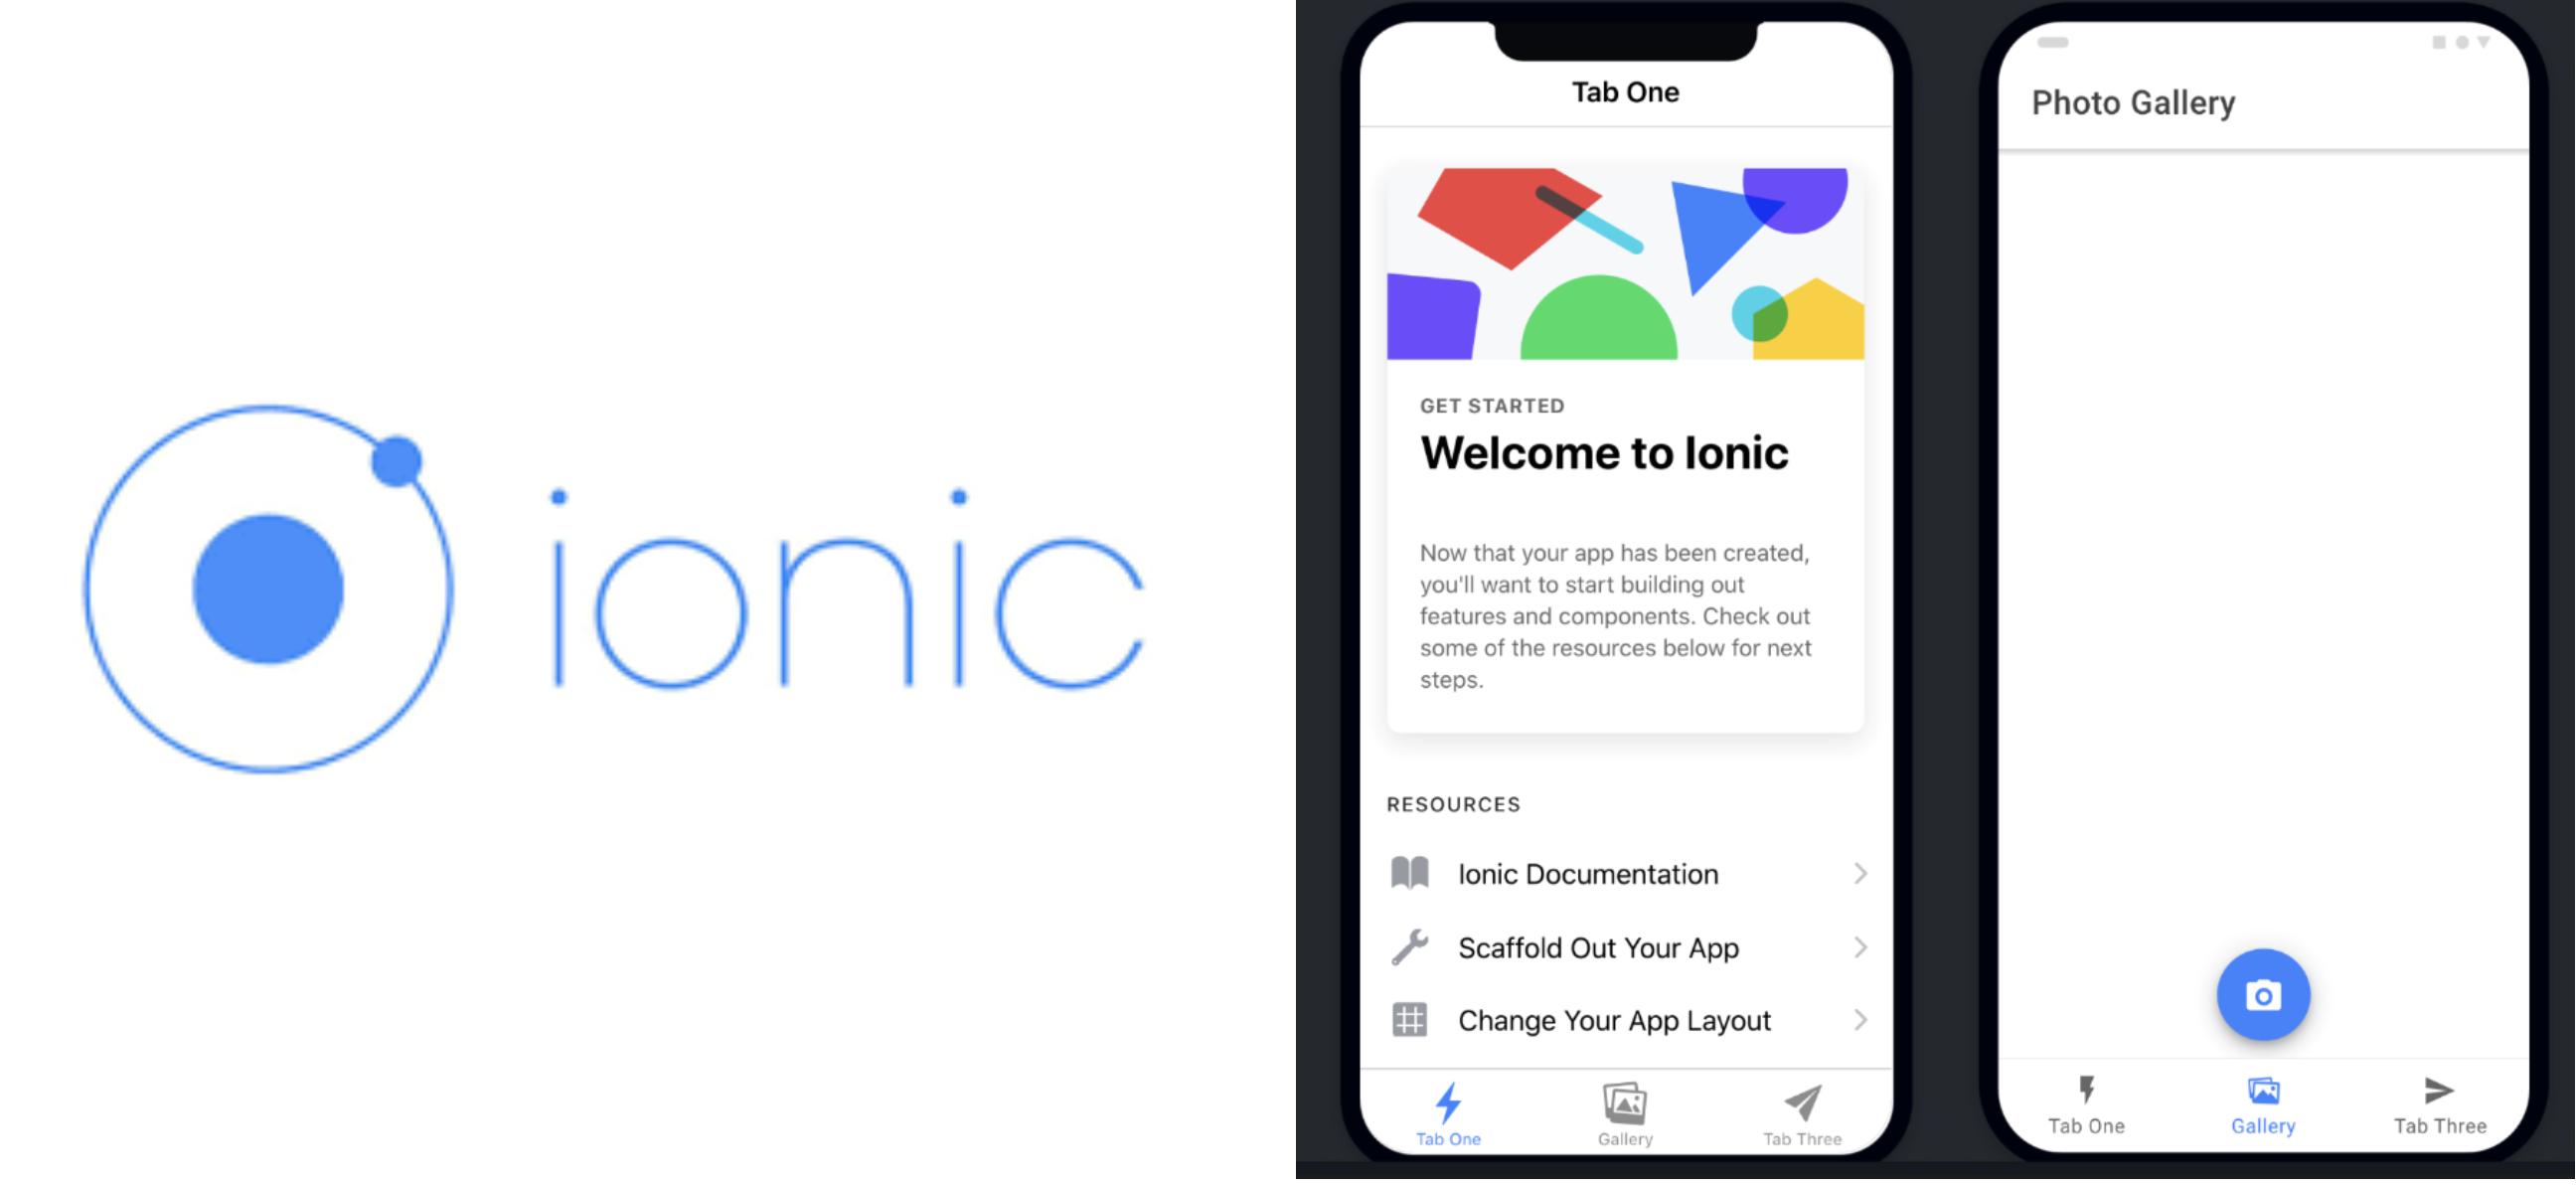 [Ionic入門] Angular/React/VueベースでWeb/iOS/Androidを同時開発可能なクロスプラットフォームフレームワーク